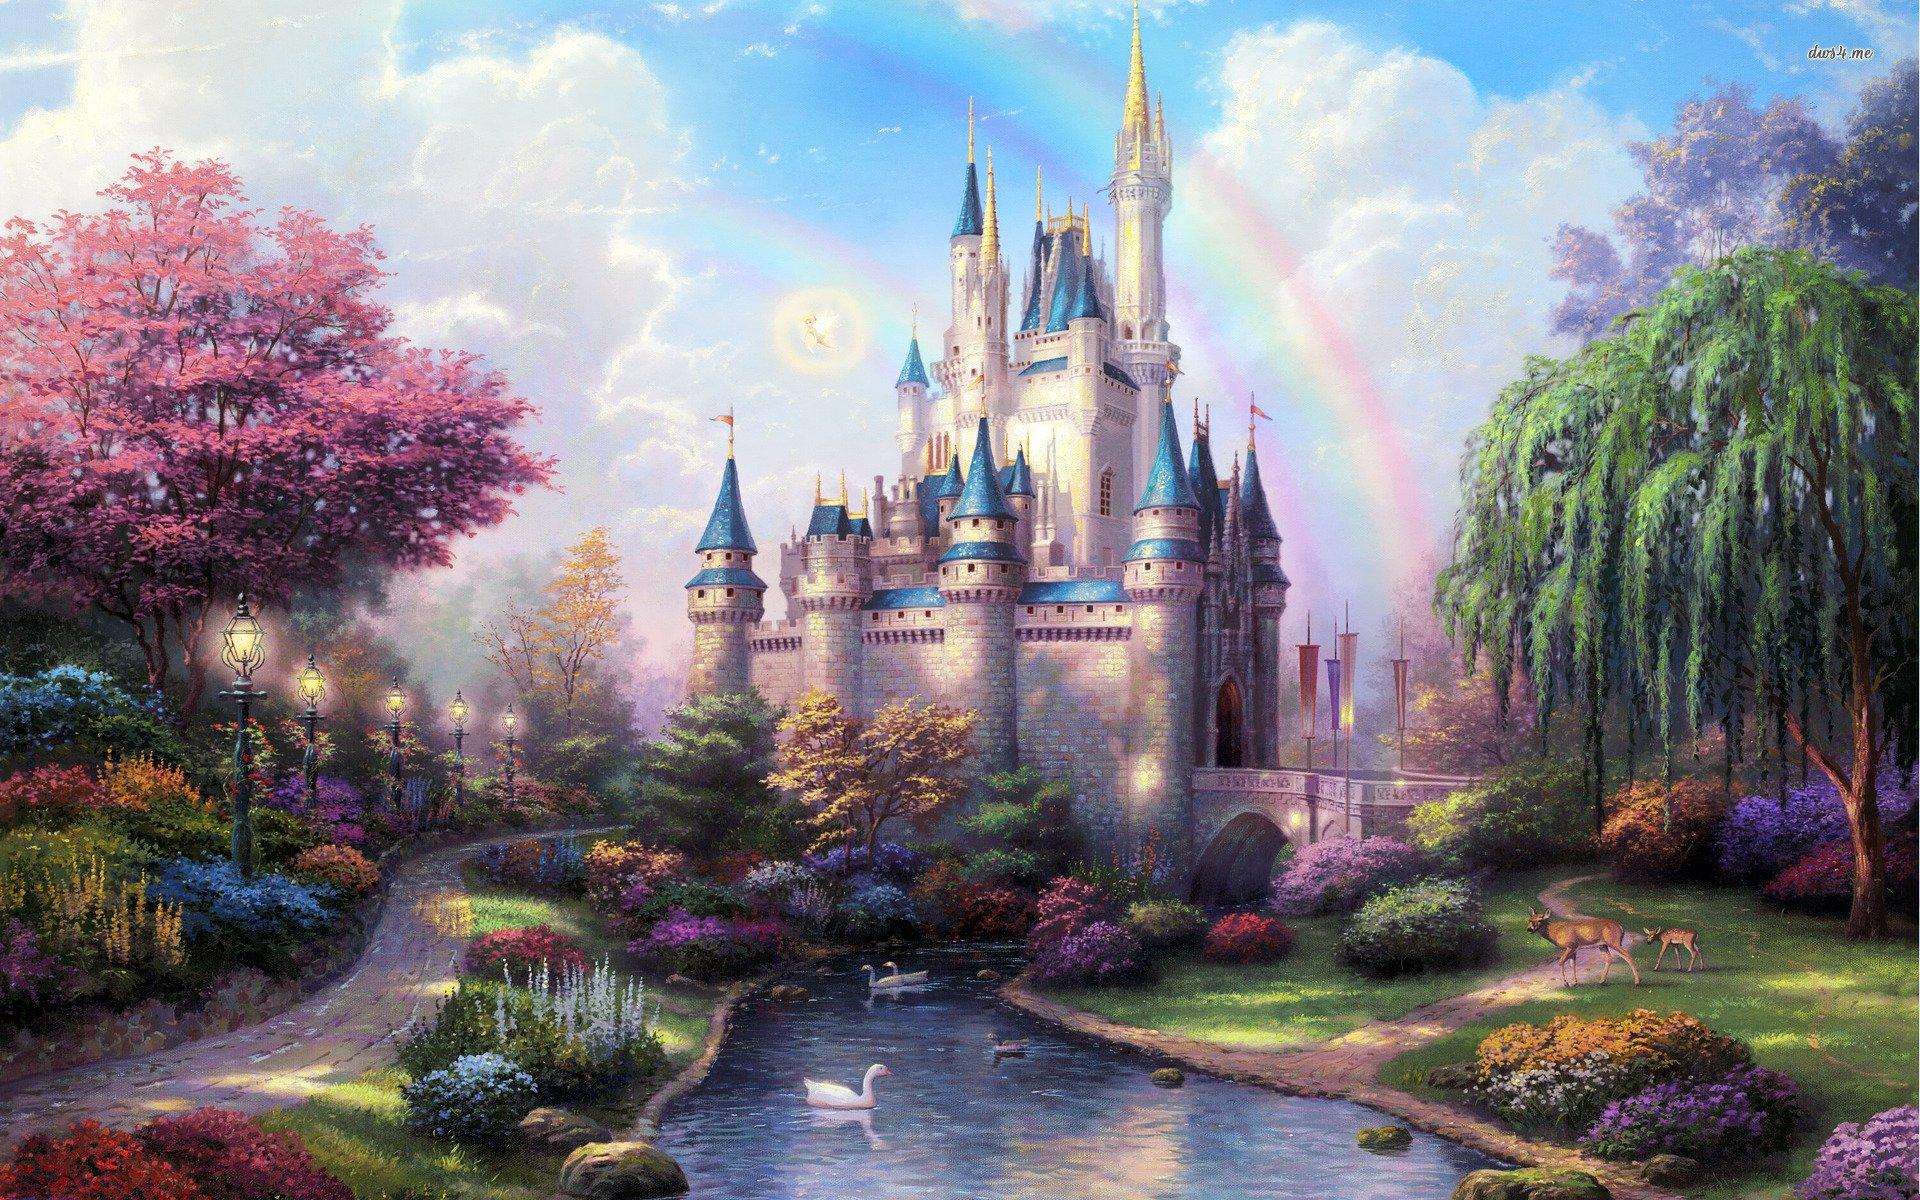 Drawn wallpaper castle Fairytale KB 90 Wide Wide